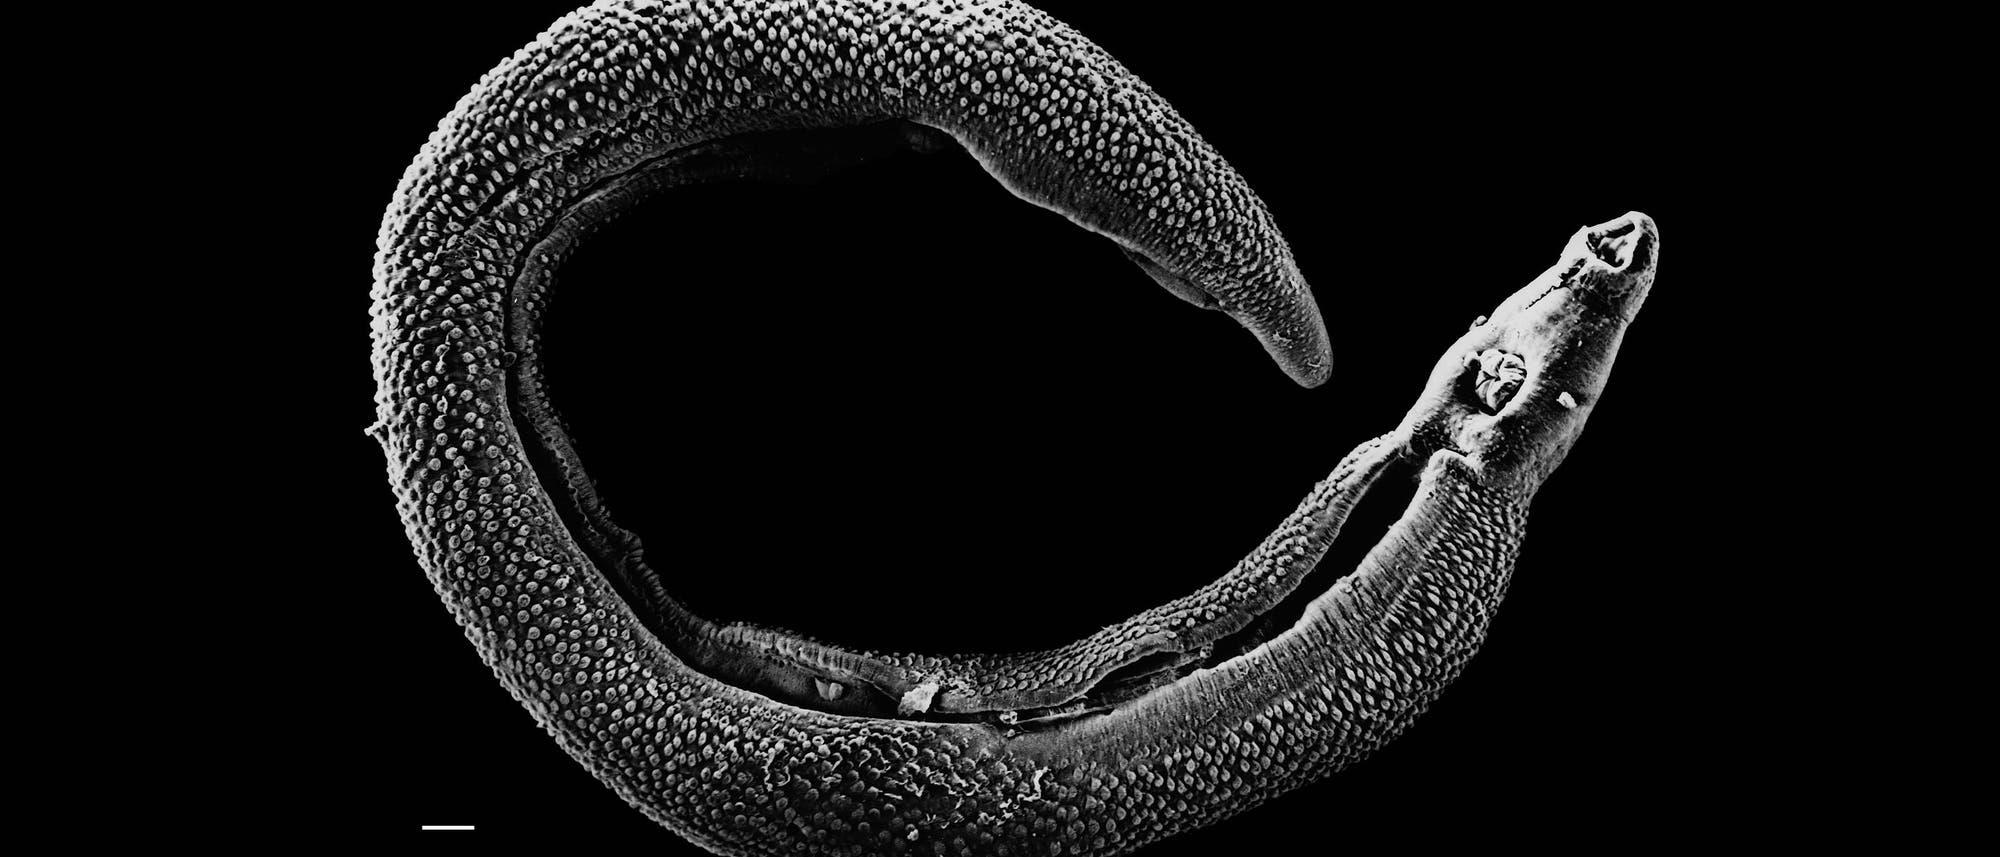 männlicher Schistosoma mansoni Wurm